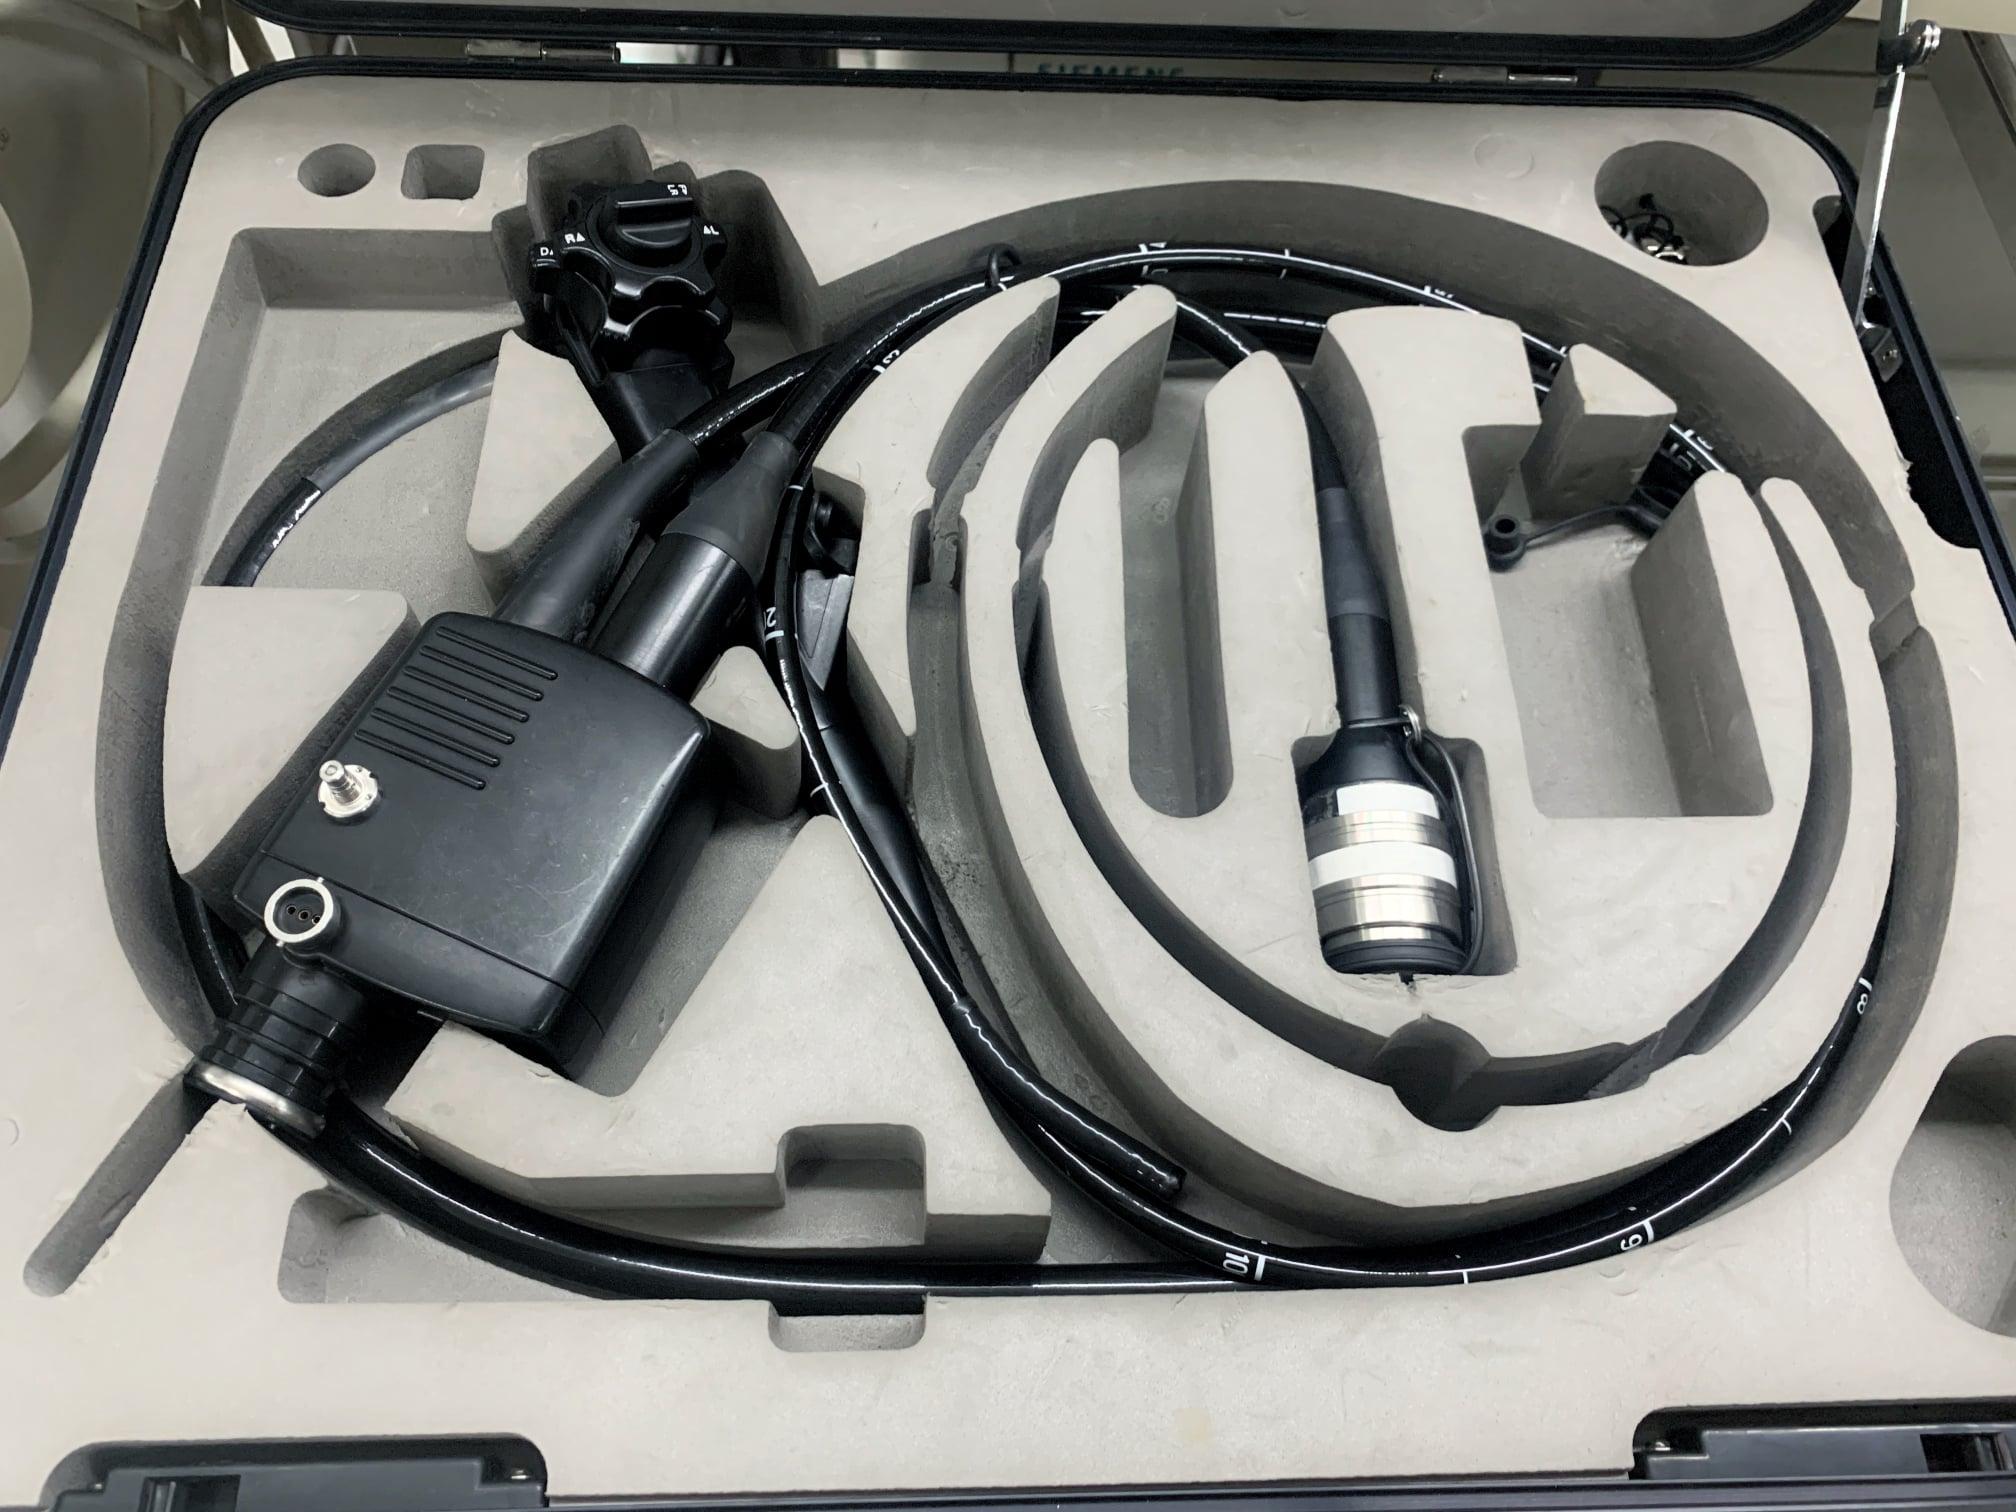 Fujinon EG-410HR/EG450HR